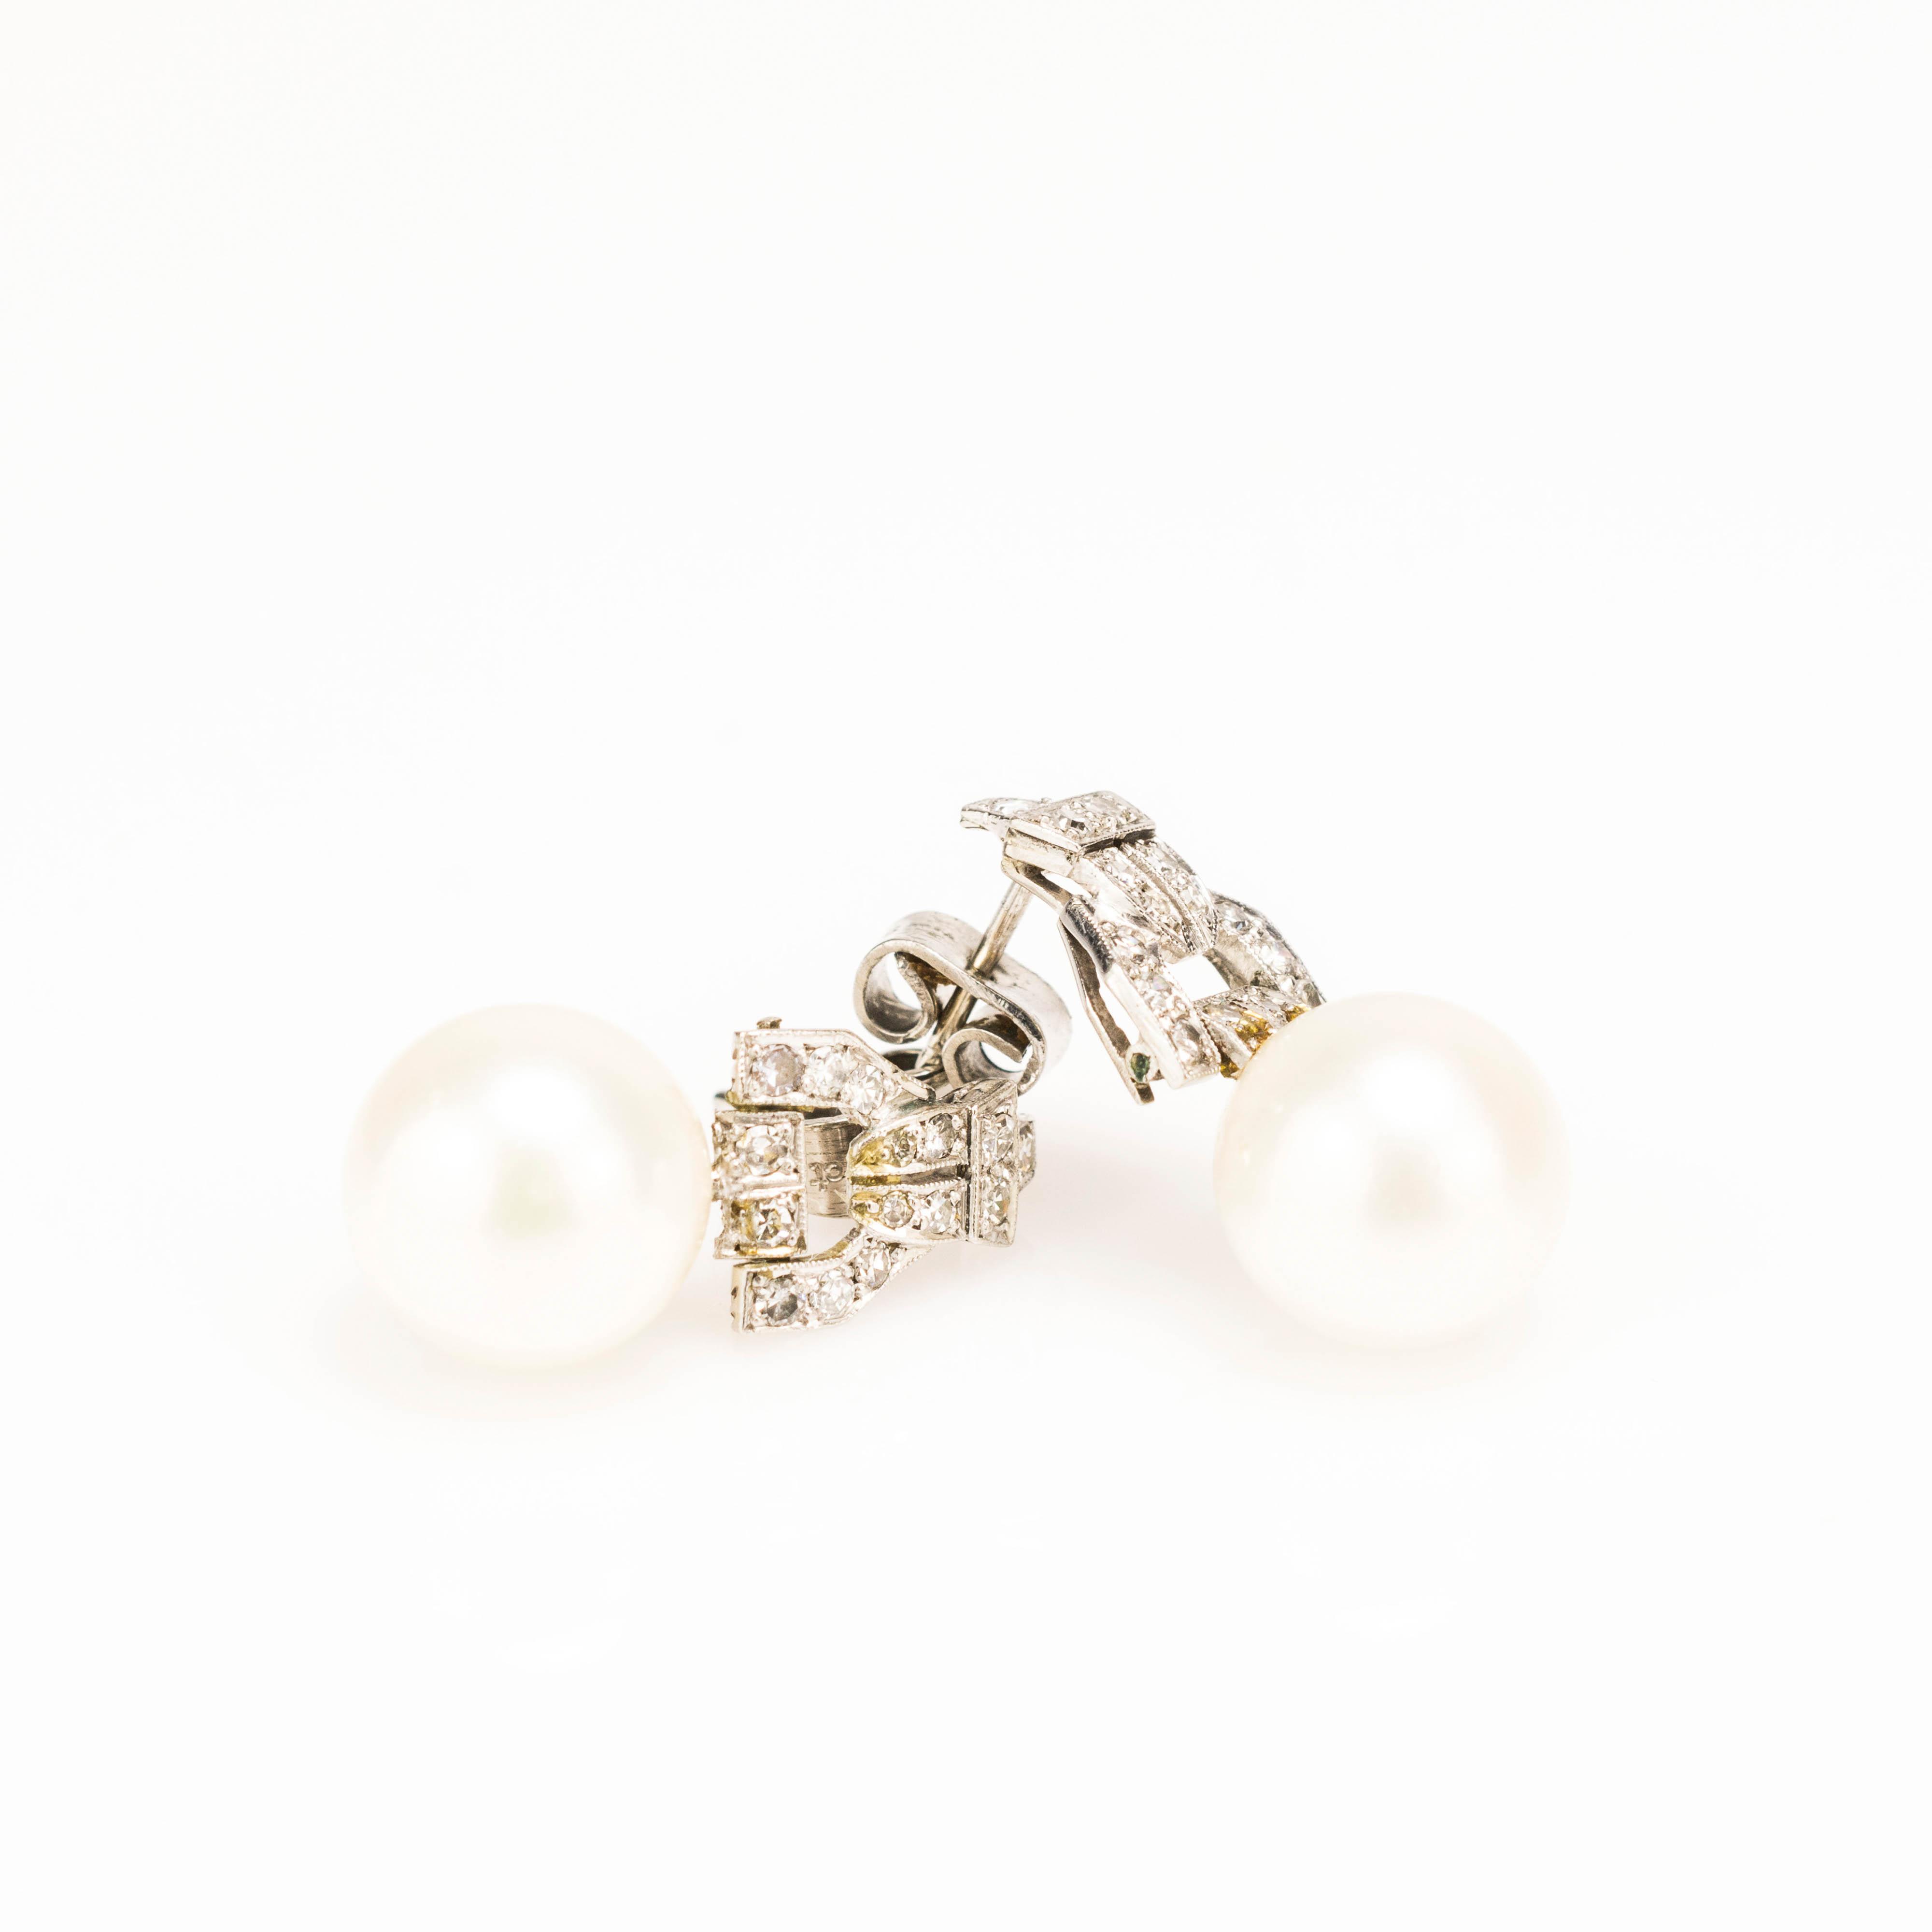 Paar Ohrstecker mit Perlen und Diamantbesatz im Art déco-Stil - Image 2 of 3